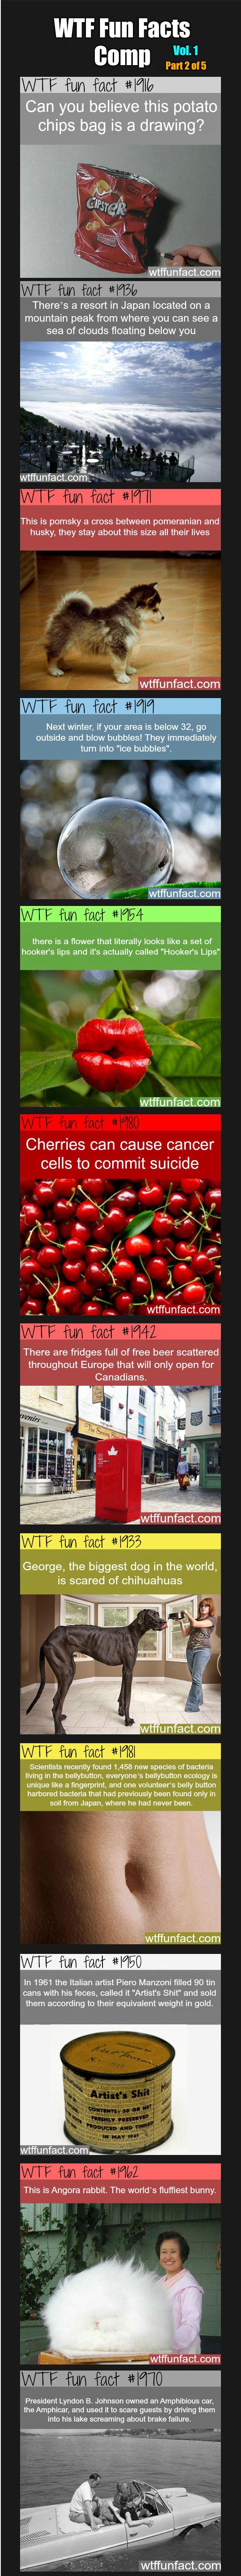 WTF Fun Facts Comp Vol. 1 Part 2